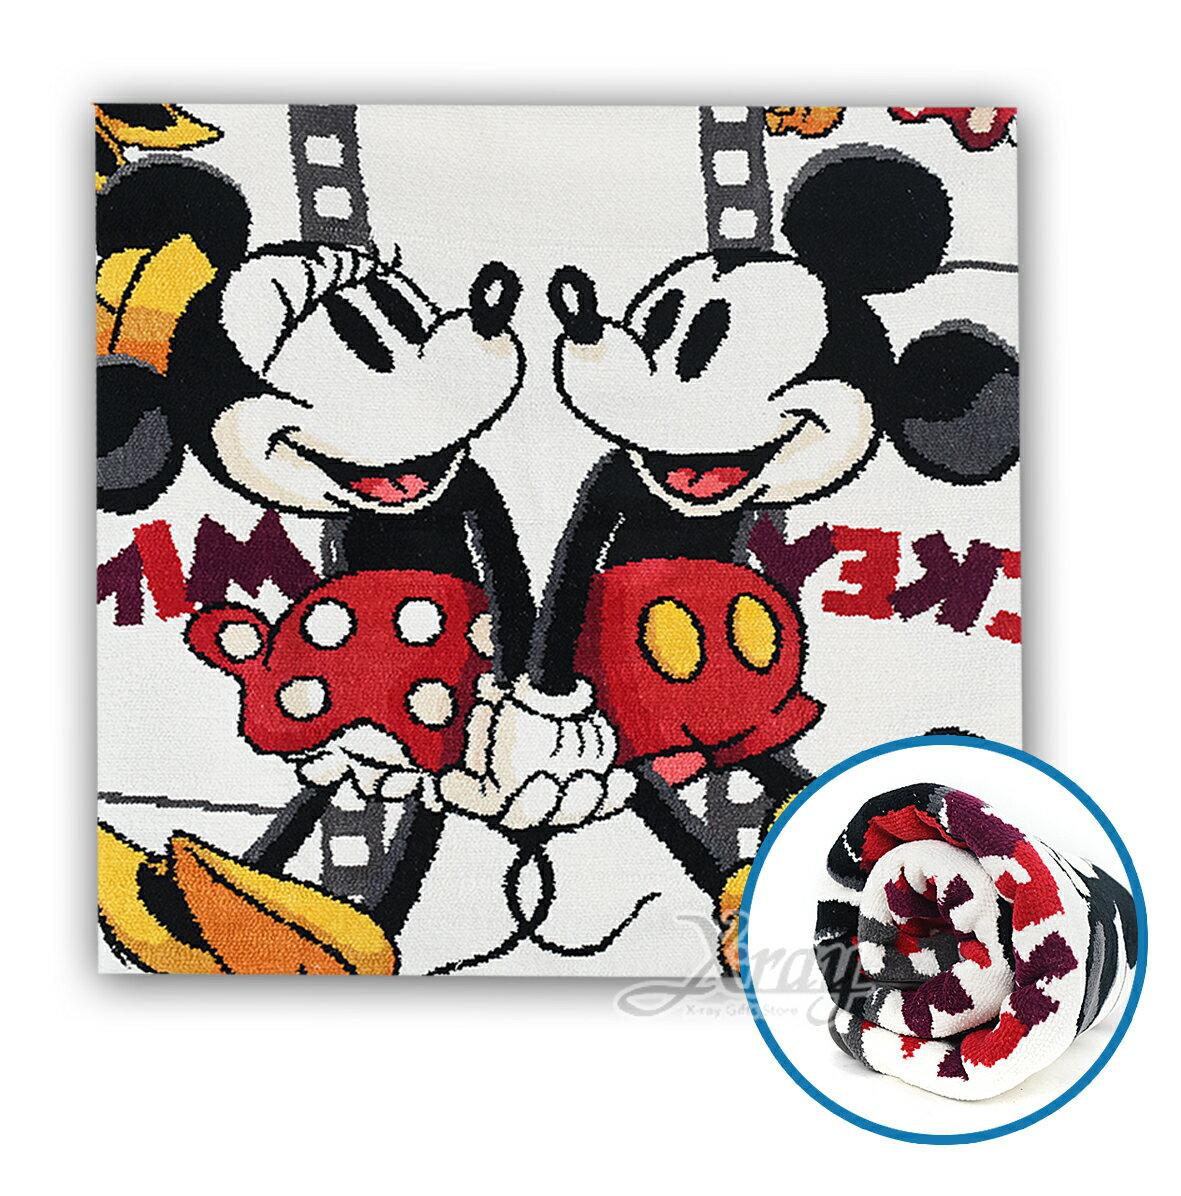 X射線【C859898】米奇針織毯,禦寒/披毯/冷氣毯/毛毯/懶人毯/披肩/暖毯/保暖商品/披肩毯/絨毛毛毯